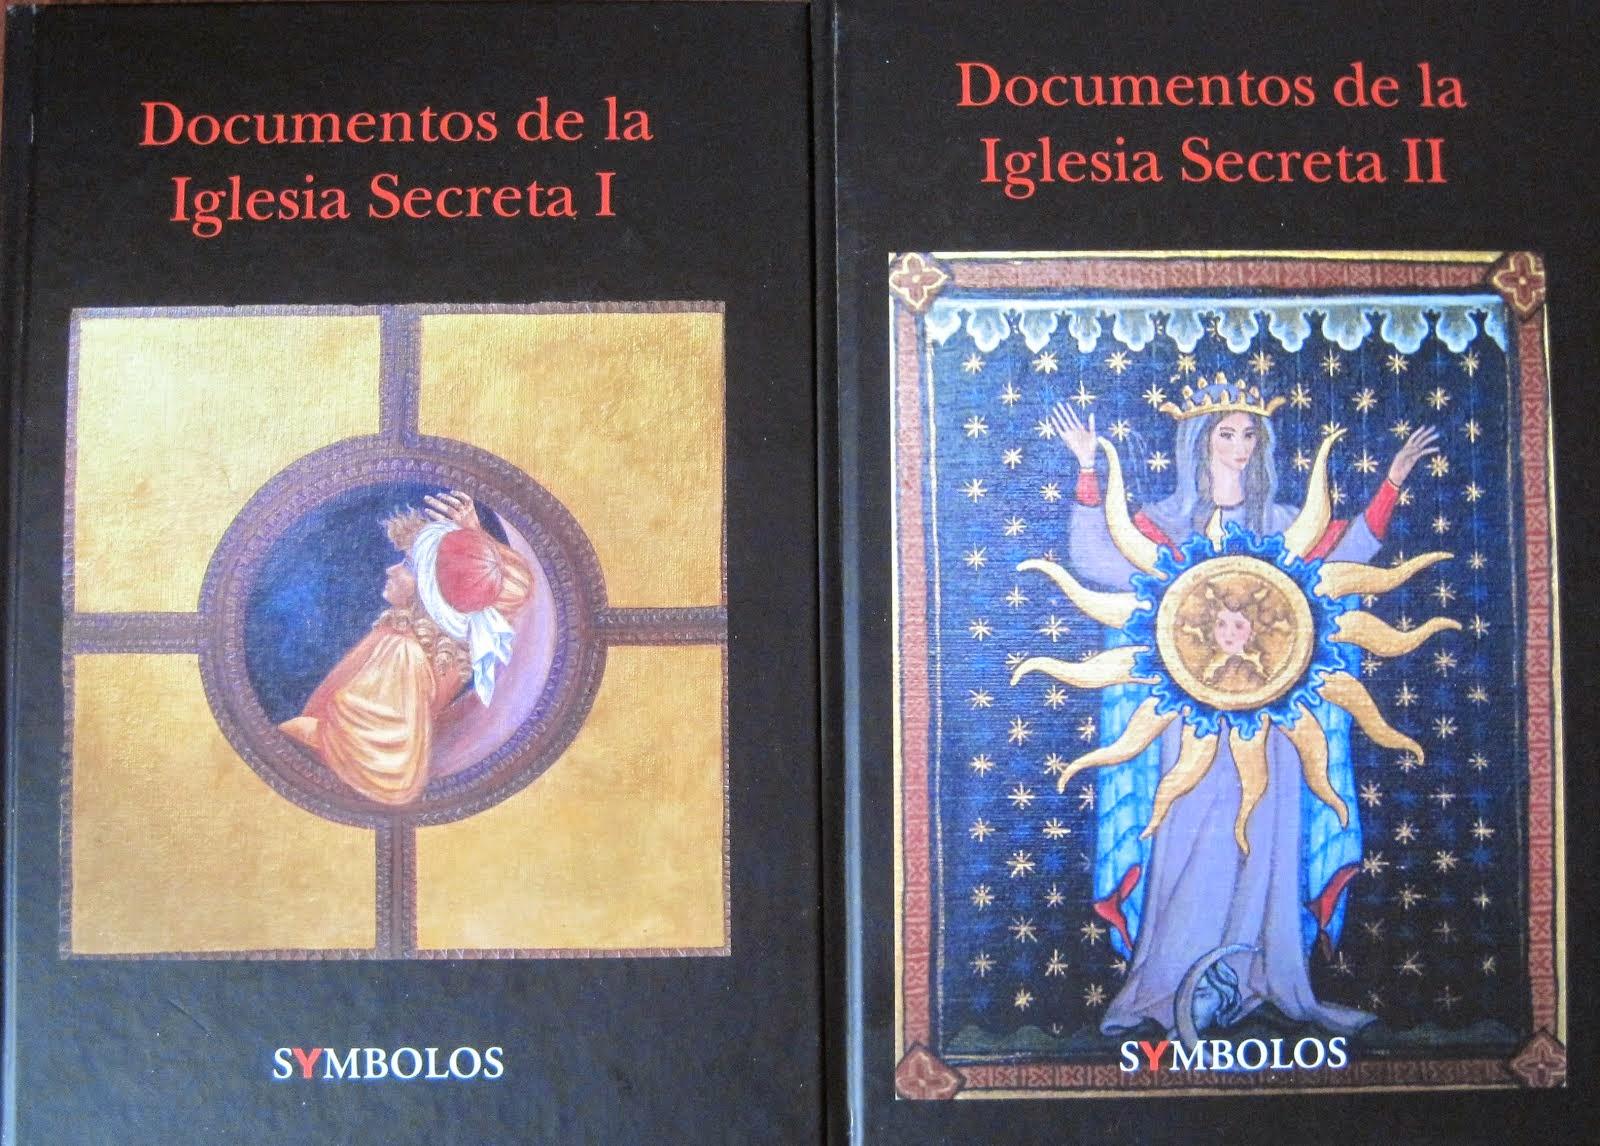 Documentos de La Iglesia Secreta